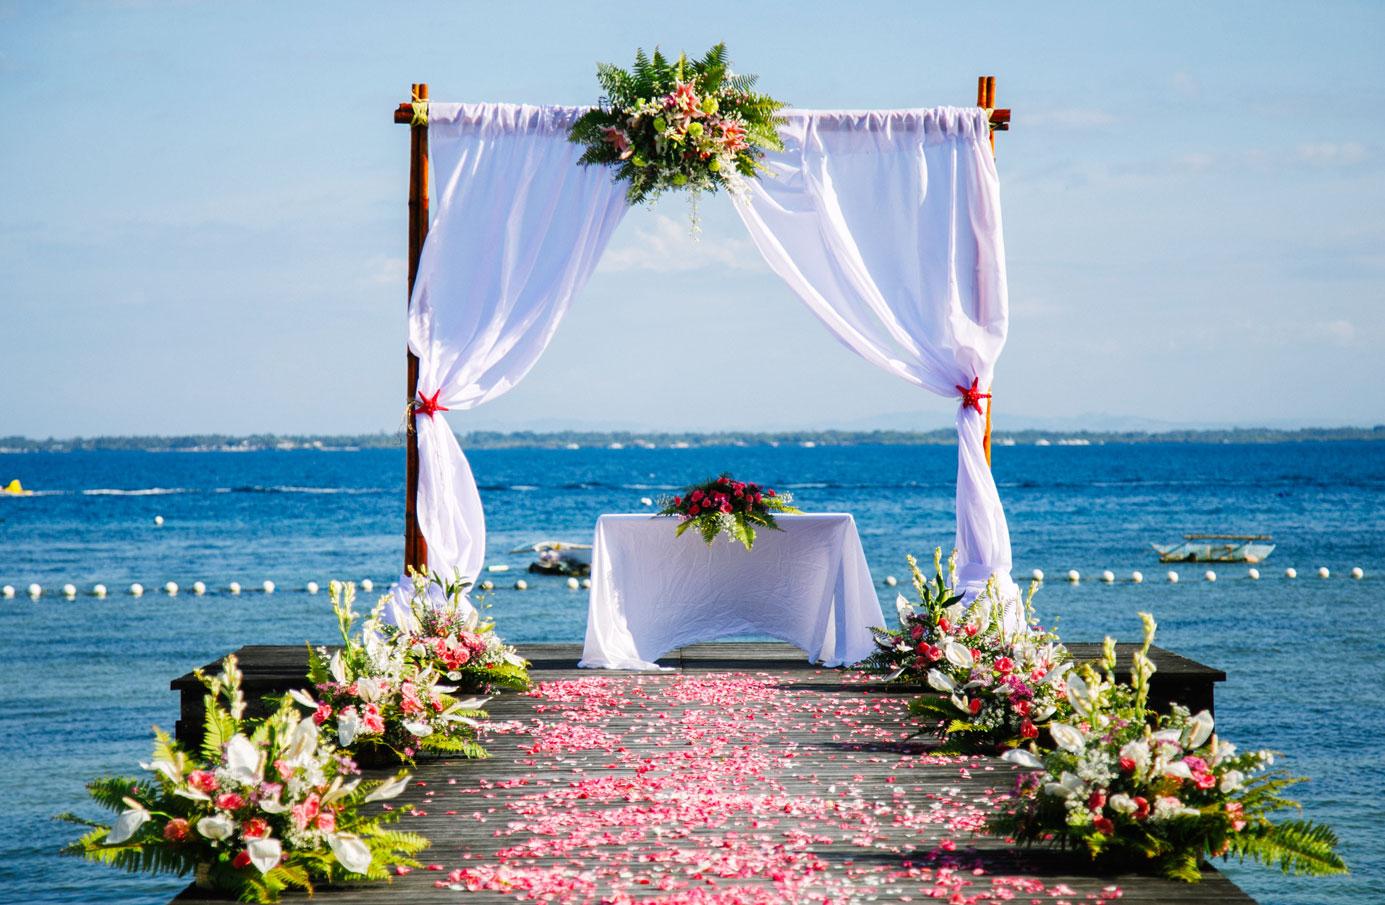 beachweddingdecoration3